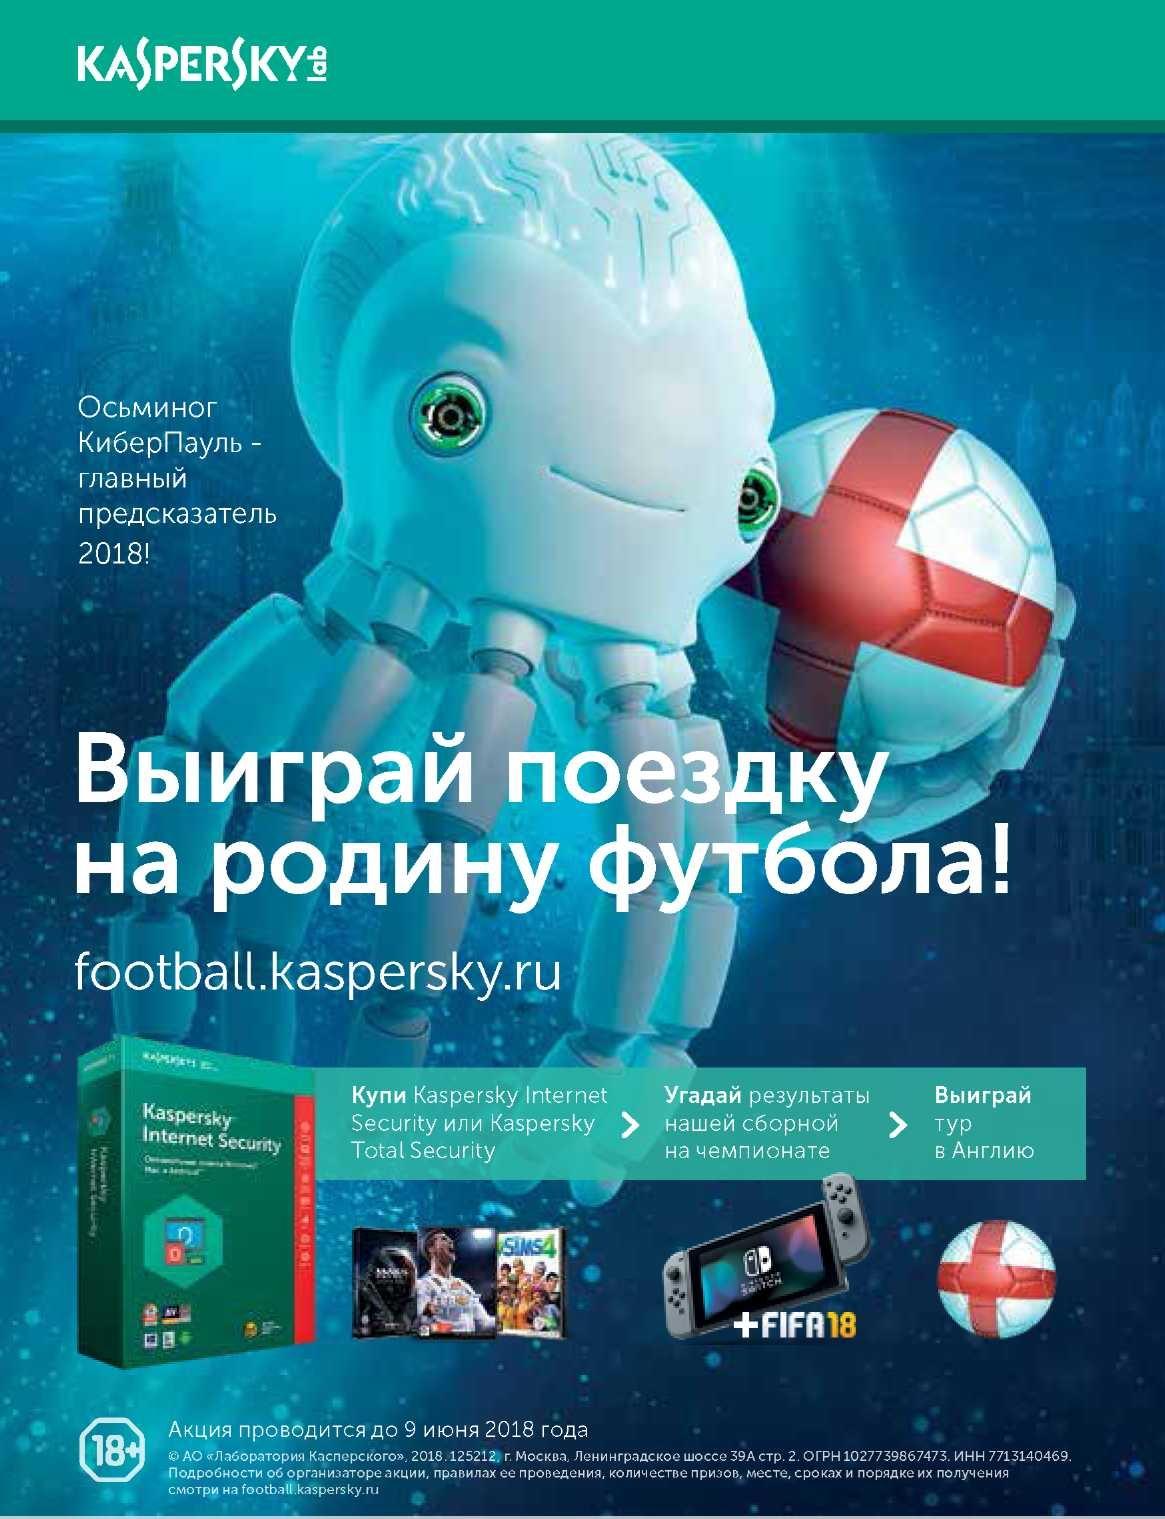 Купить Kaspersky Internet Security на 5 устройств: ПРОДЛЕНИЕ*.